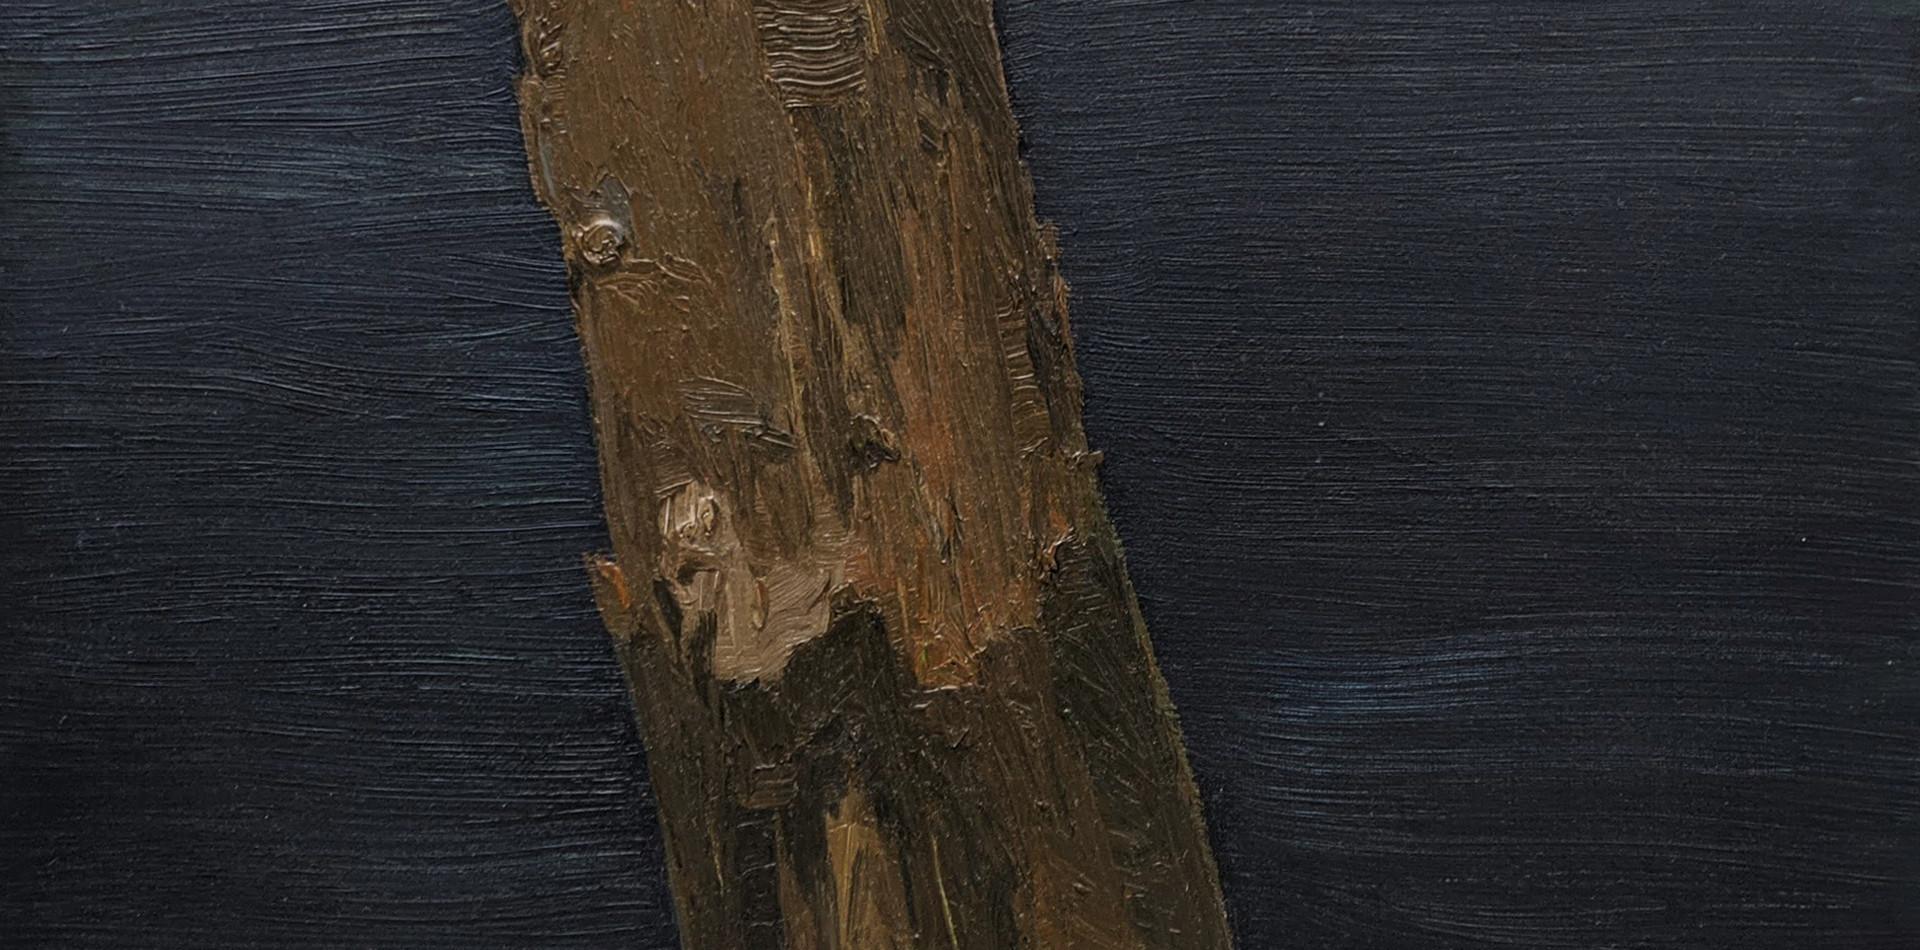 Sem título   2019  Óleo sobre linho  24 x 30 cm